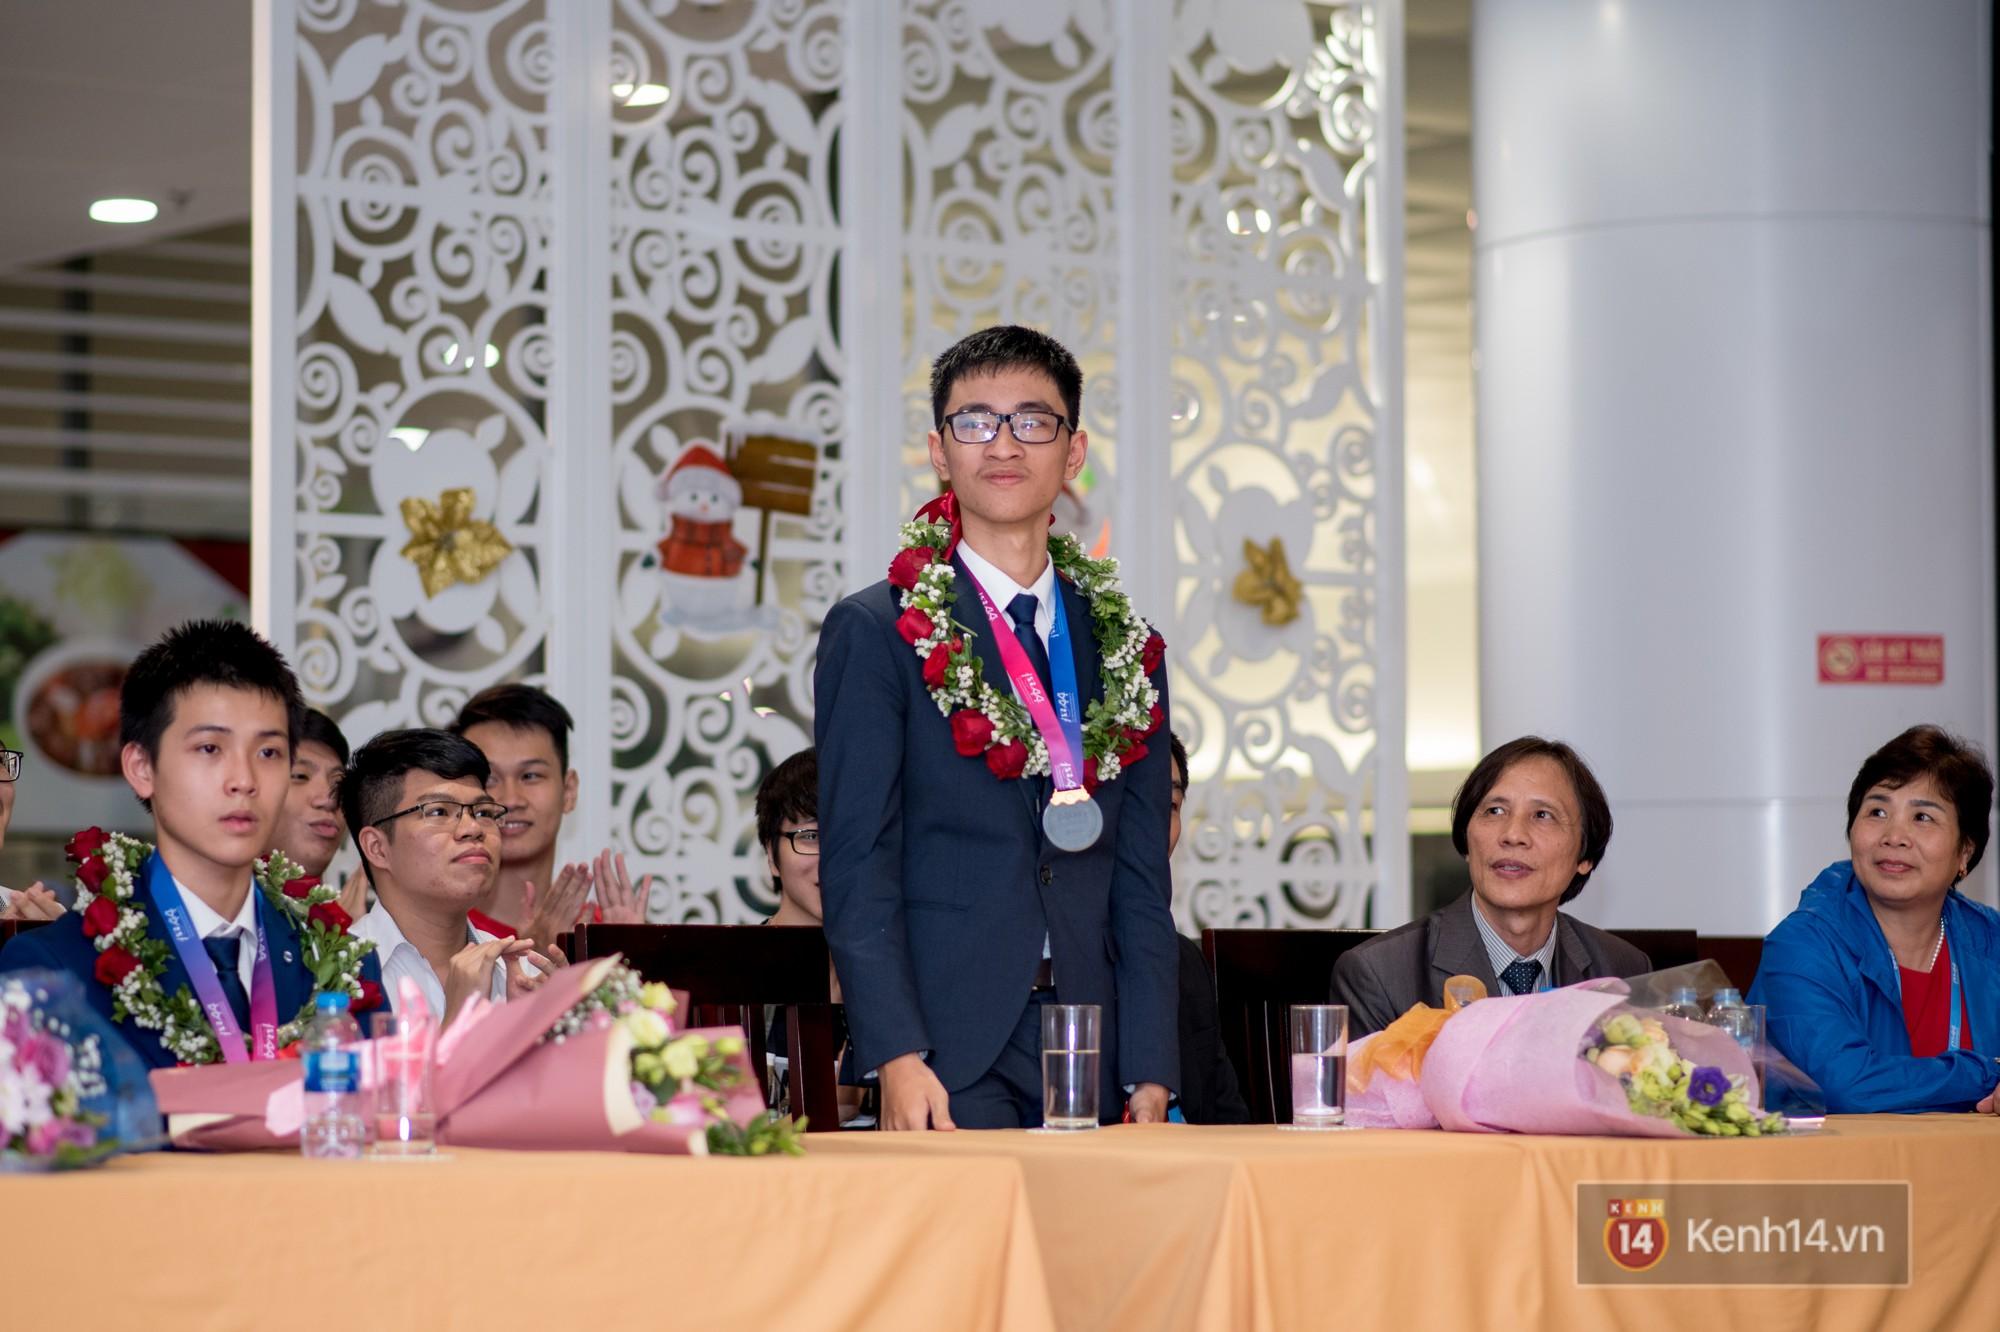 Trần Xuân Tùng - Người Việt đầu tiên giành HCV Olympic Thiên văn học - Ảnh 5.